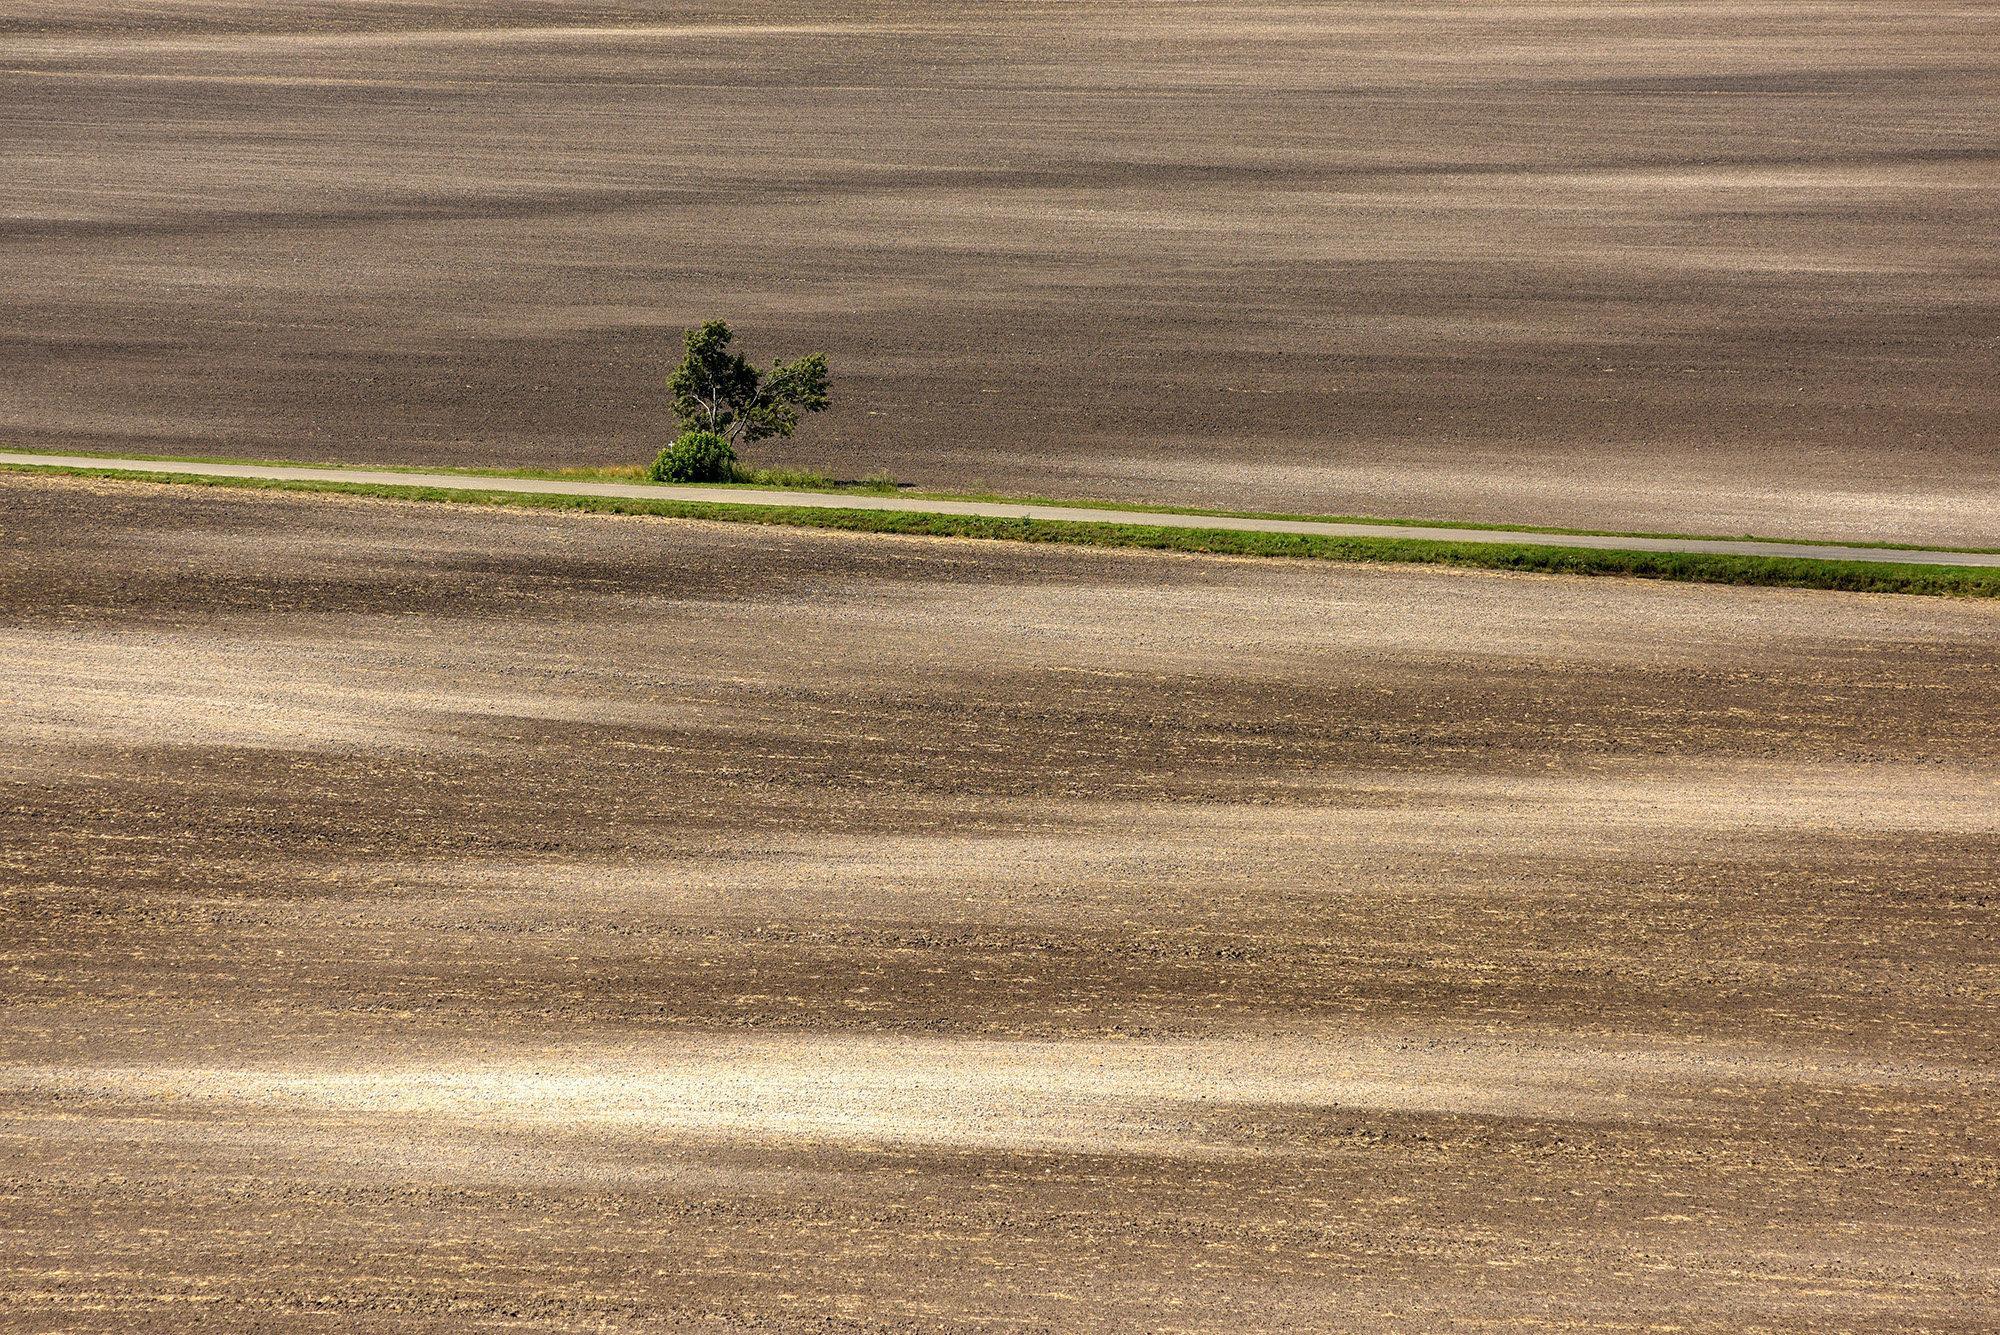 Terra Galicia_(Yurko Dyachyshyn)_28.jpg